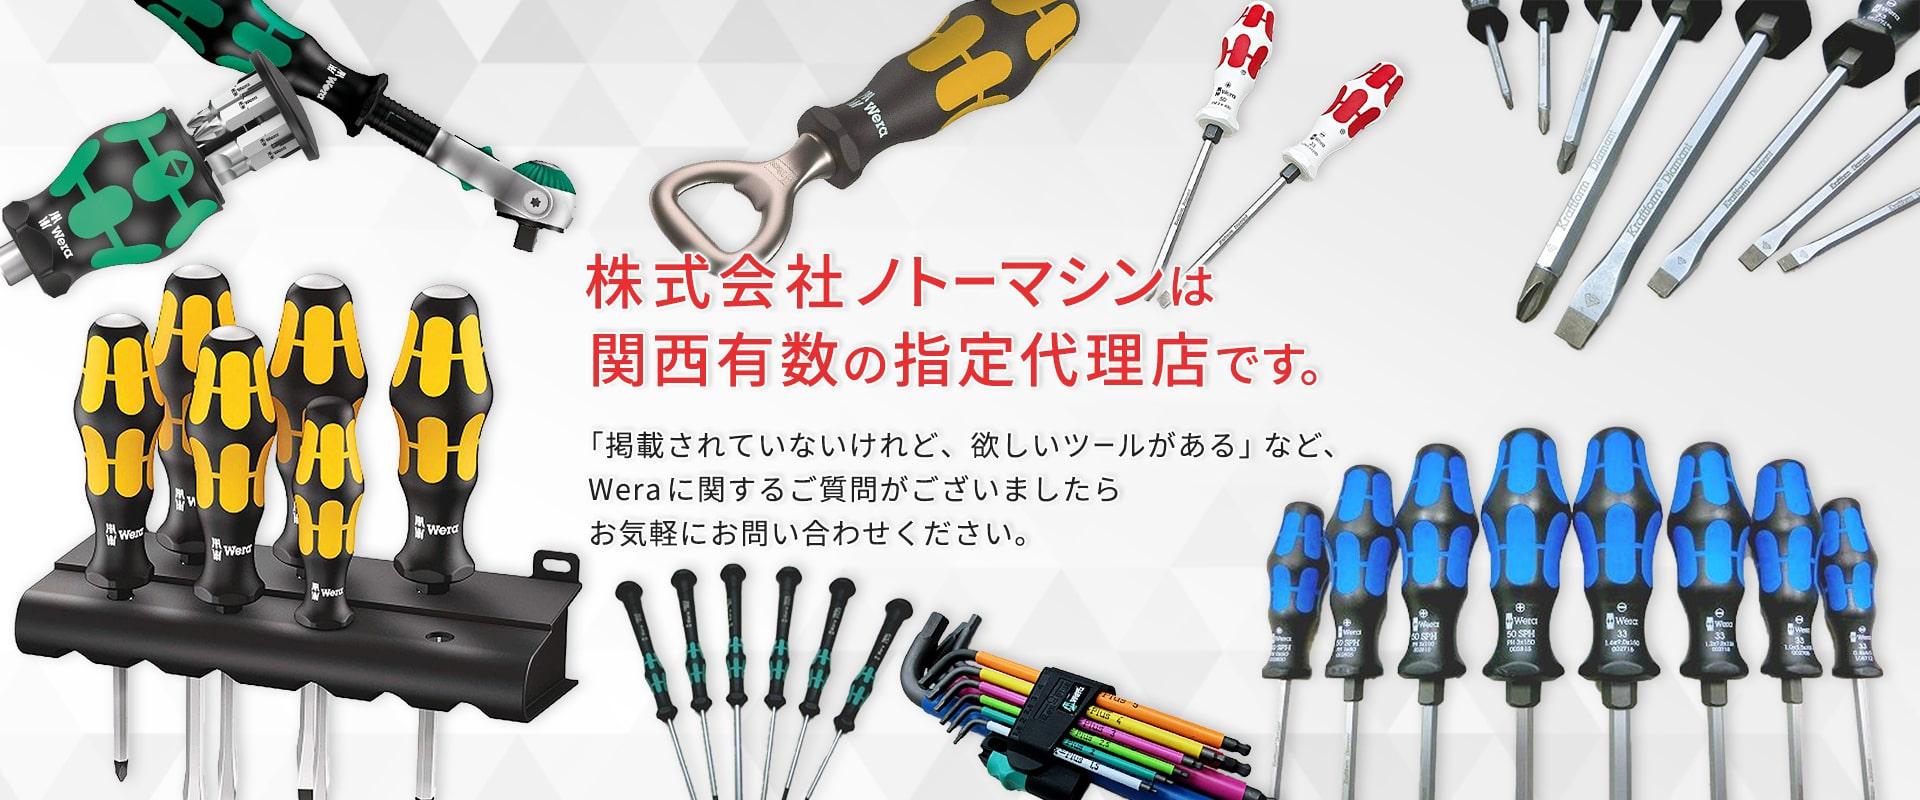 株式会社ノトーマシンは関西有数の指定代理店です。